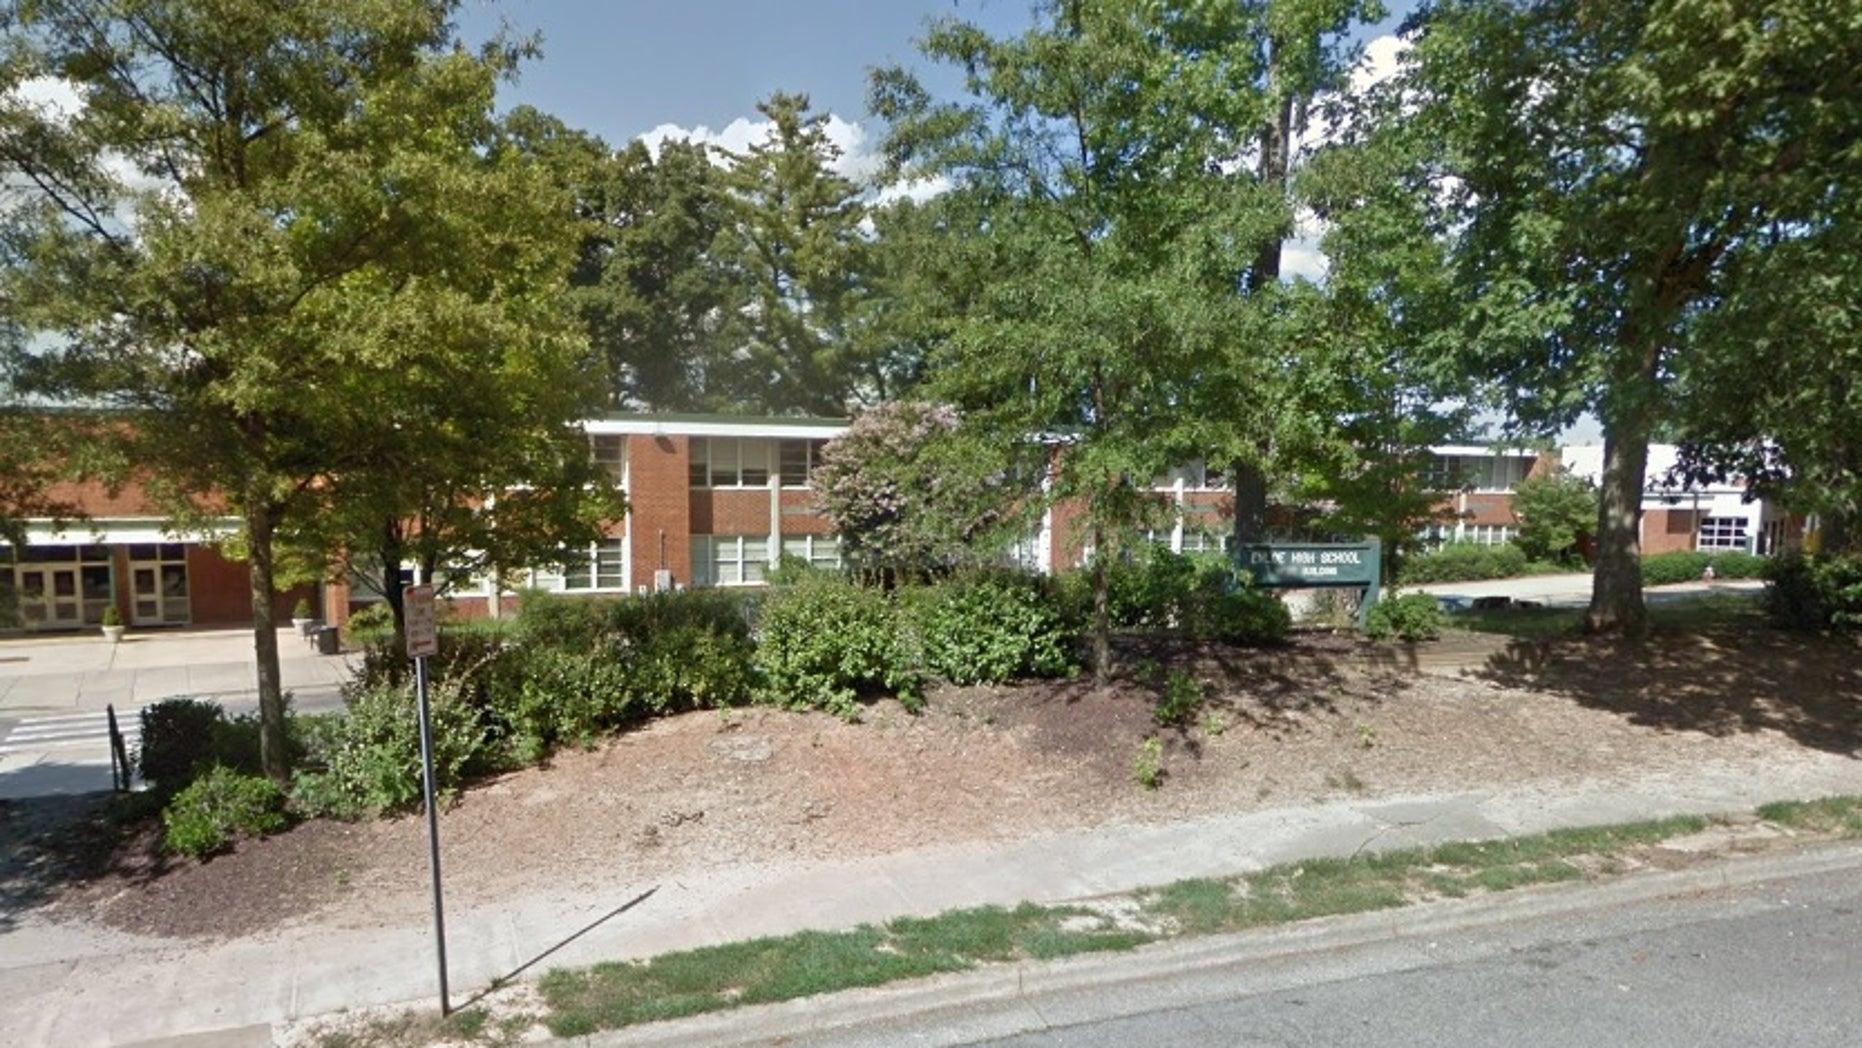 William G. Enloe High School.